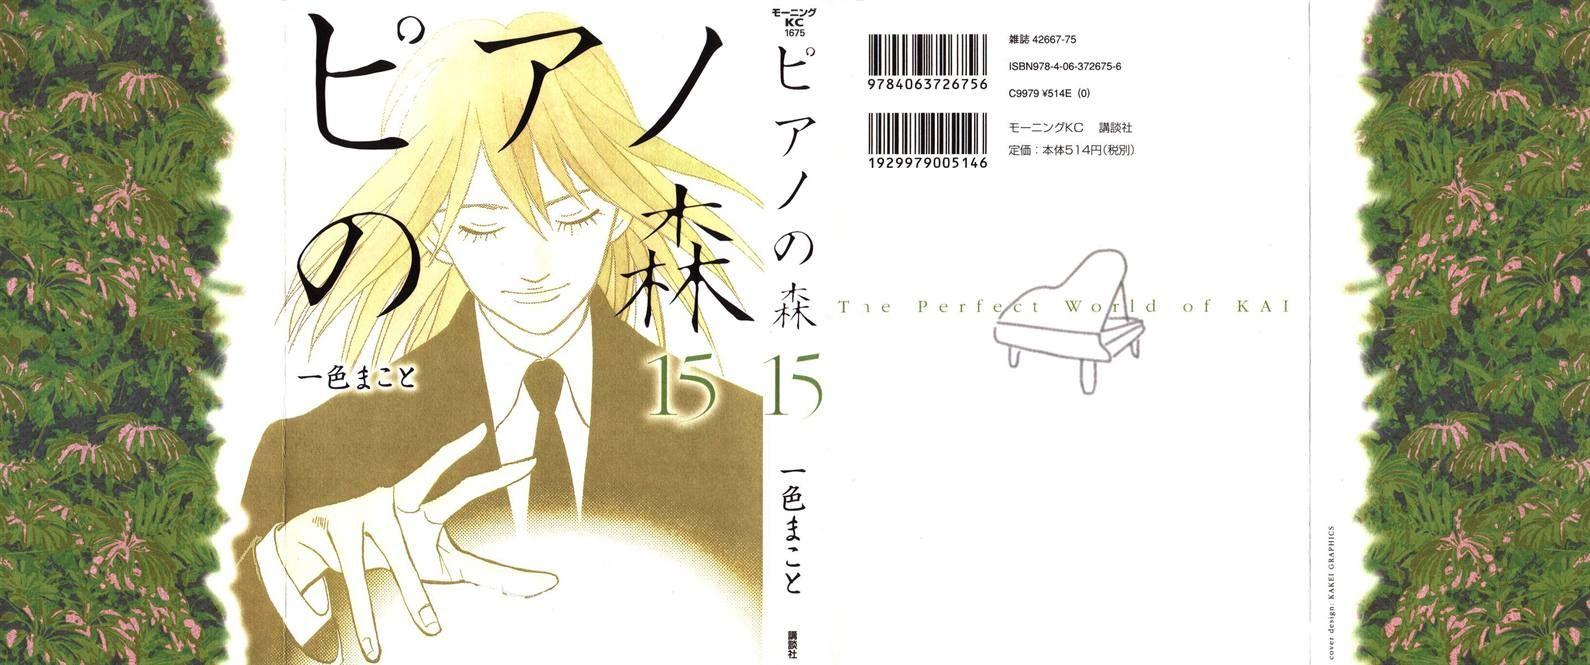 Piano no Mori 129 Page 1